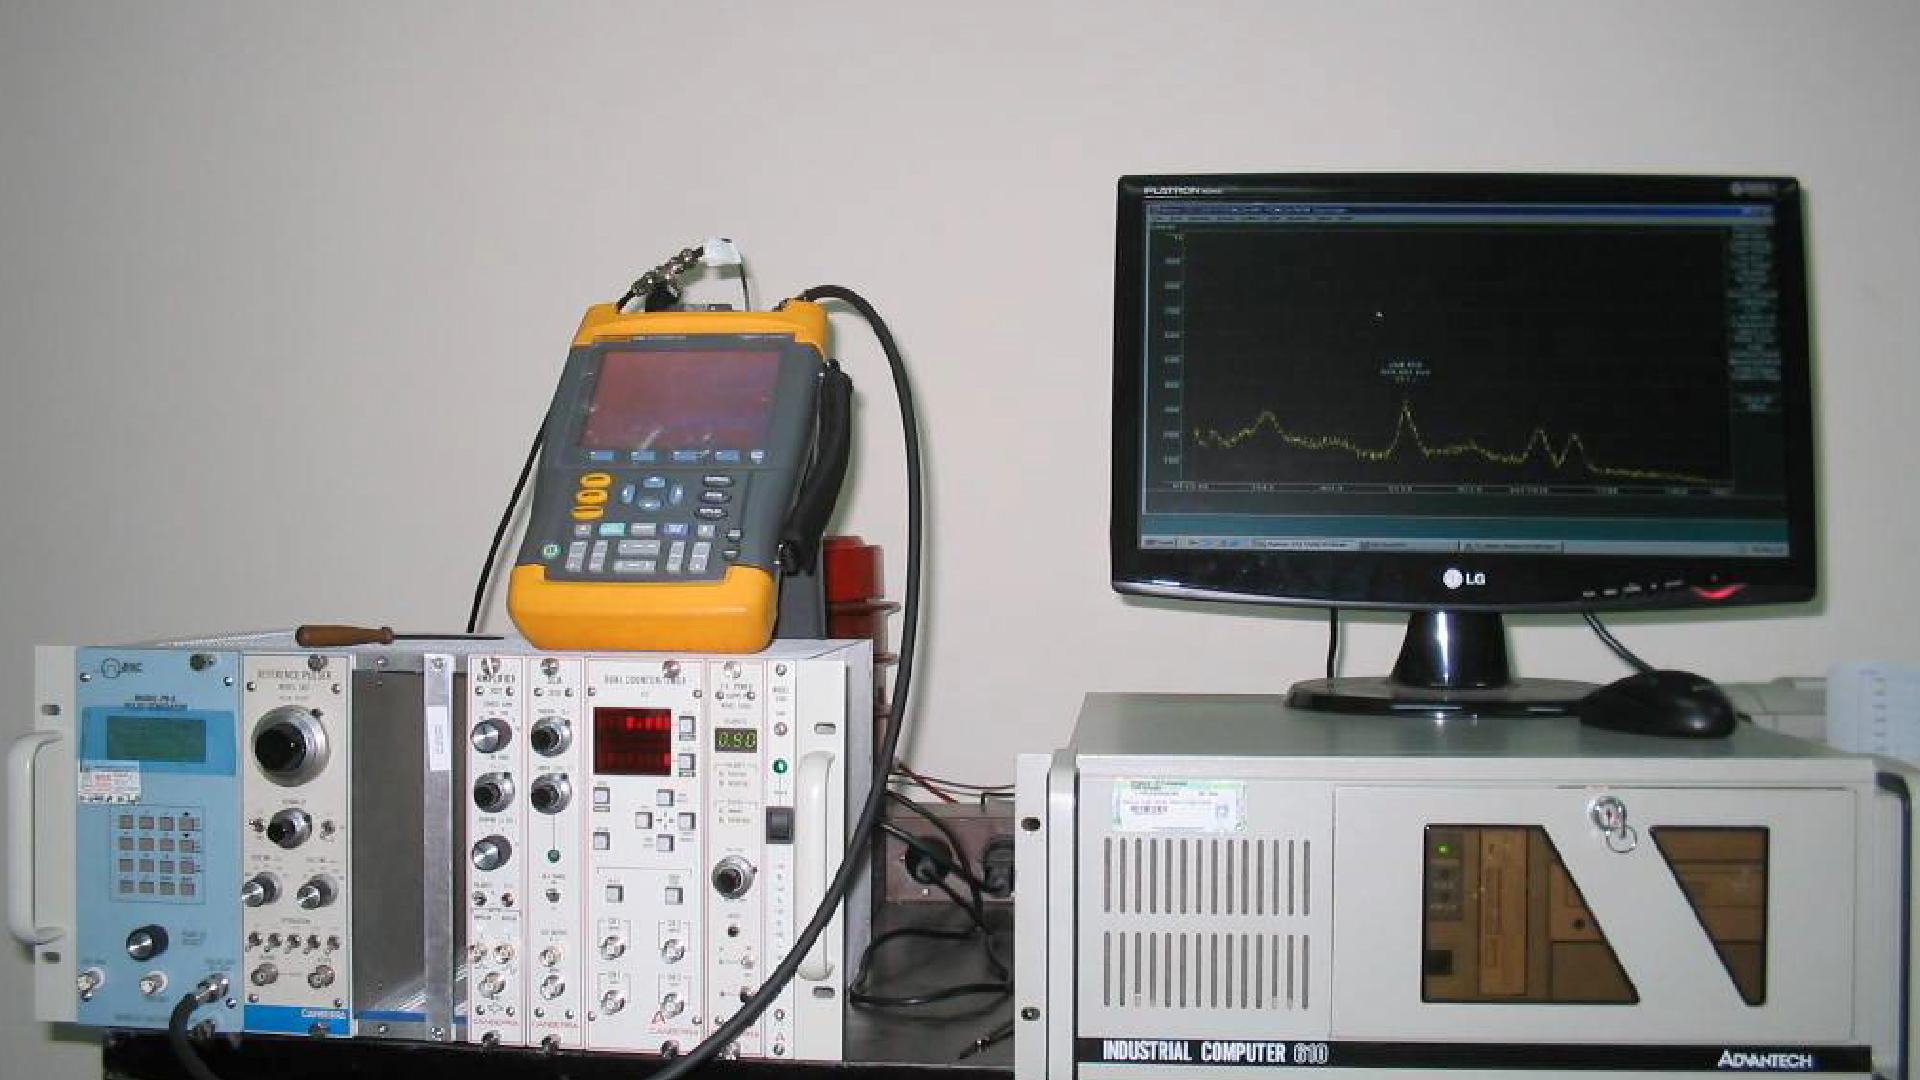 Sistema de espectrometría que se utiliza para conocer los elementos químicos que componen una muestra